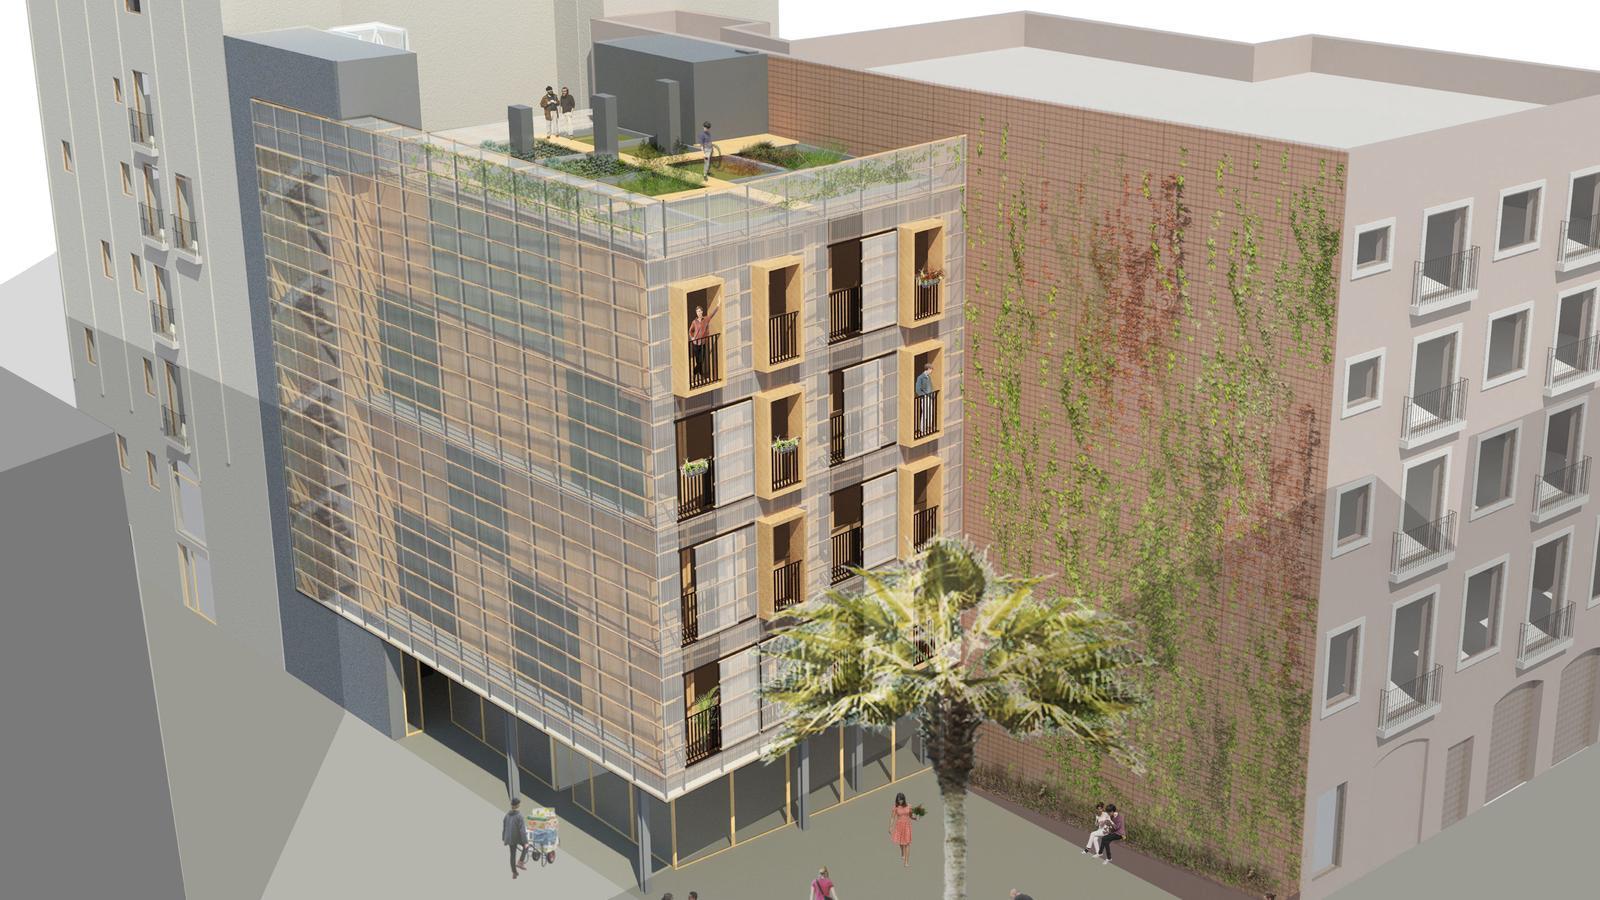 Barcelona construirà pisos de lloguer prefabricats per a 250 persones